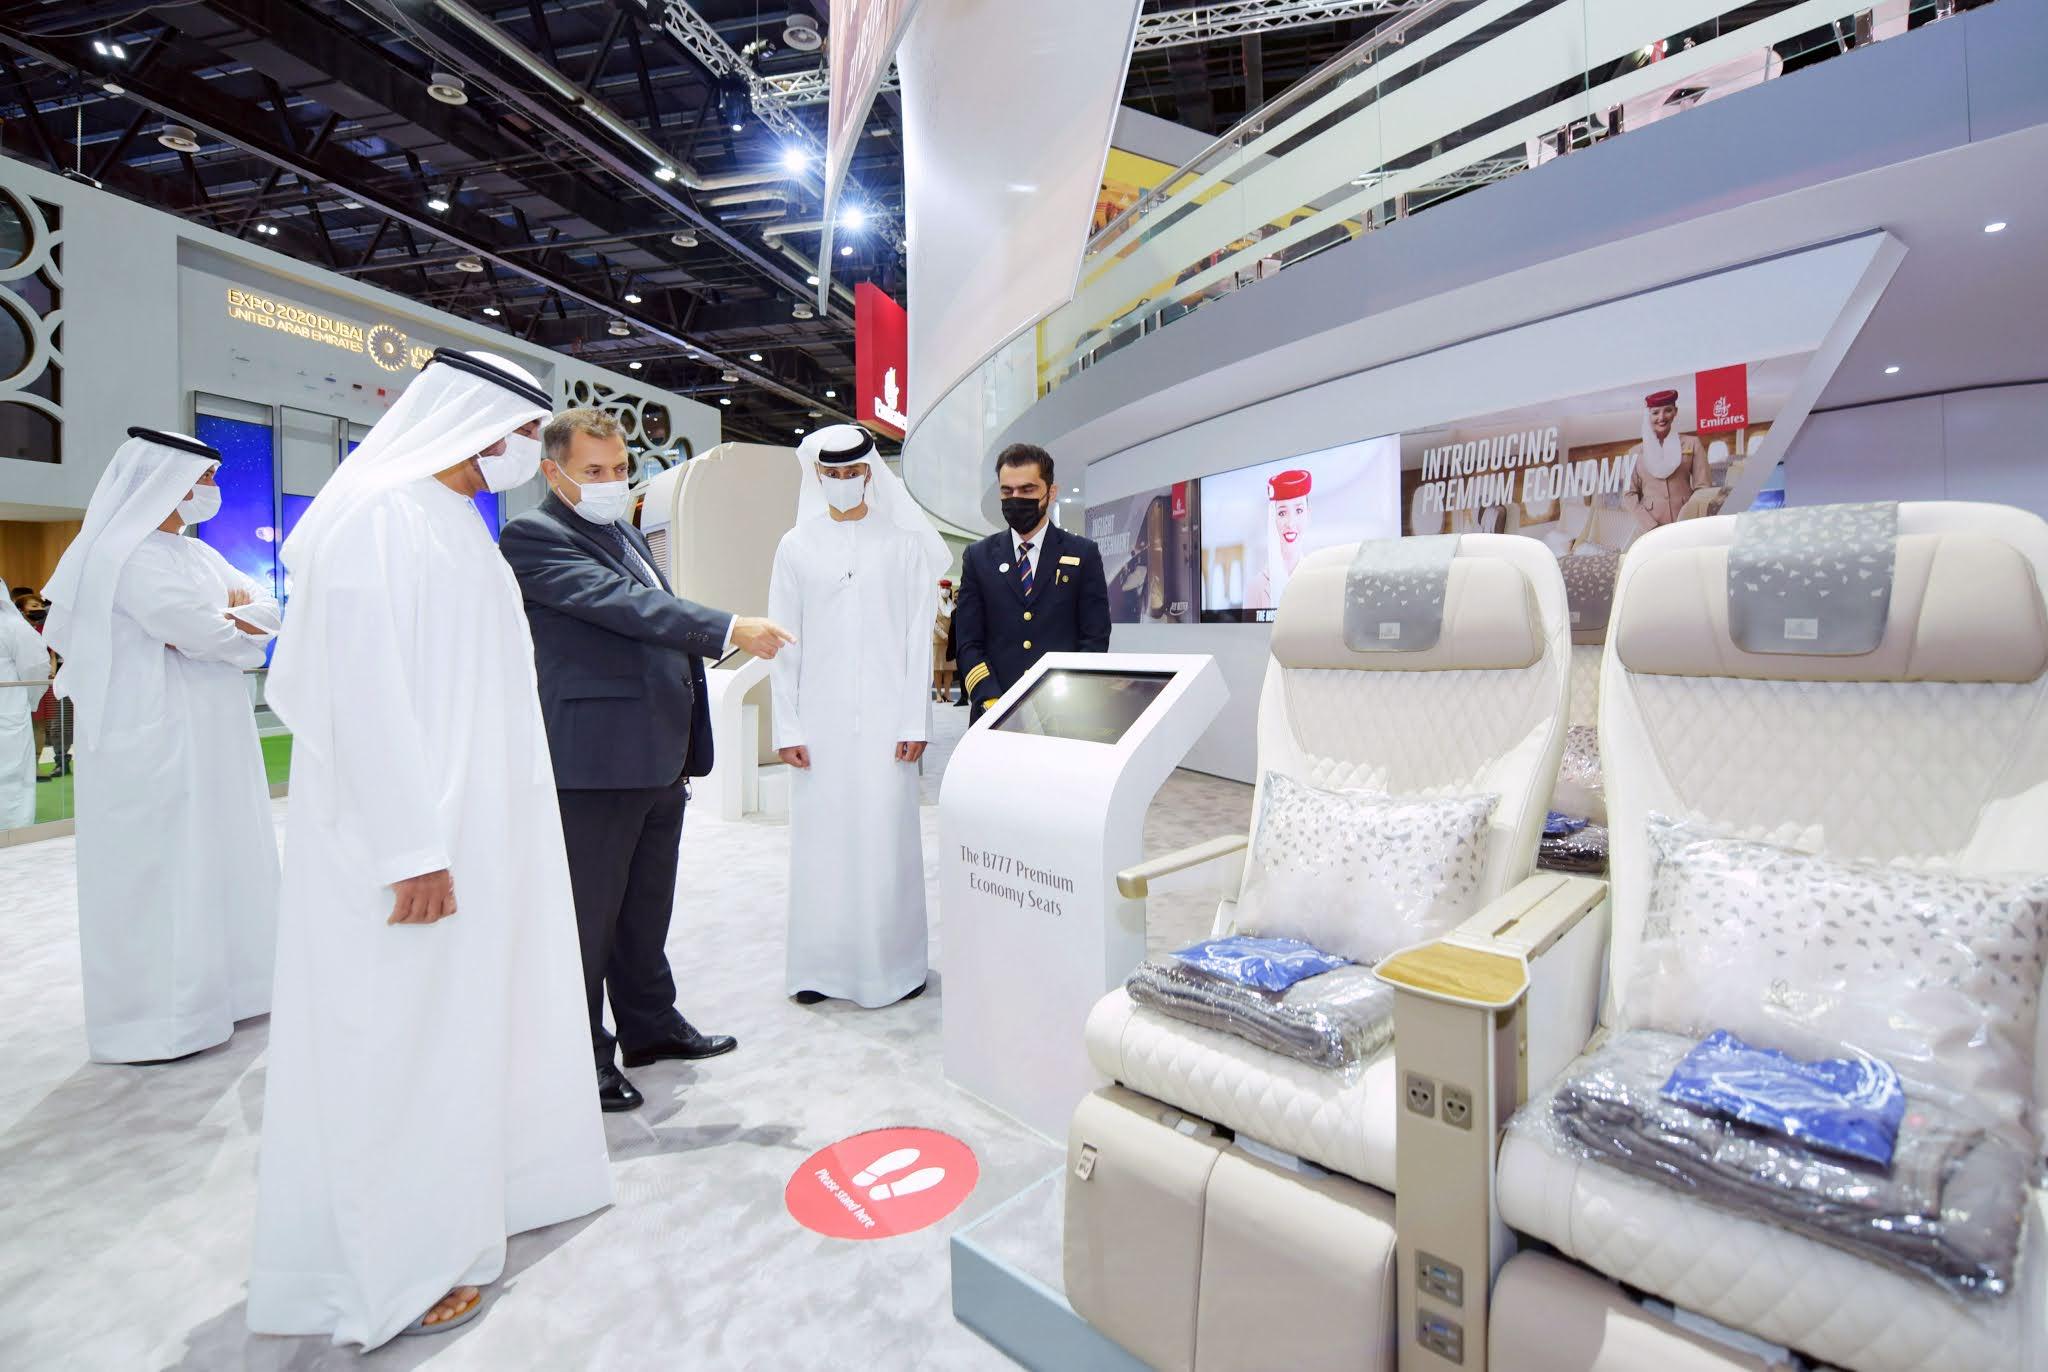 سمو الشيخ أحمد بن سعيد آل مكتوم يزور جناح طيران الإمارات في معرض سوق السفر العربي